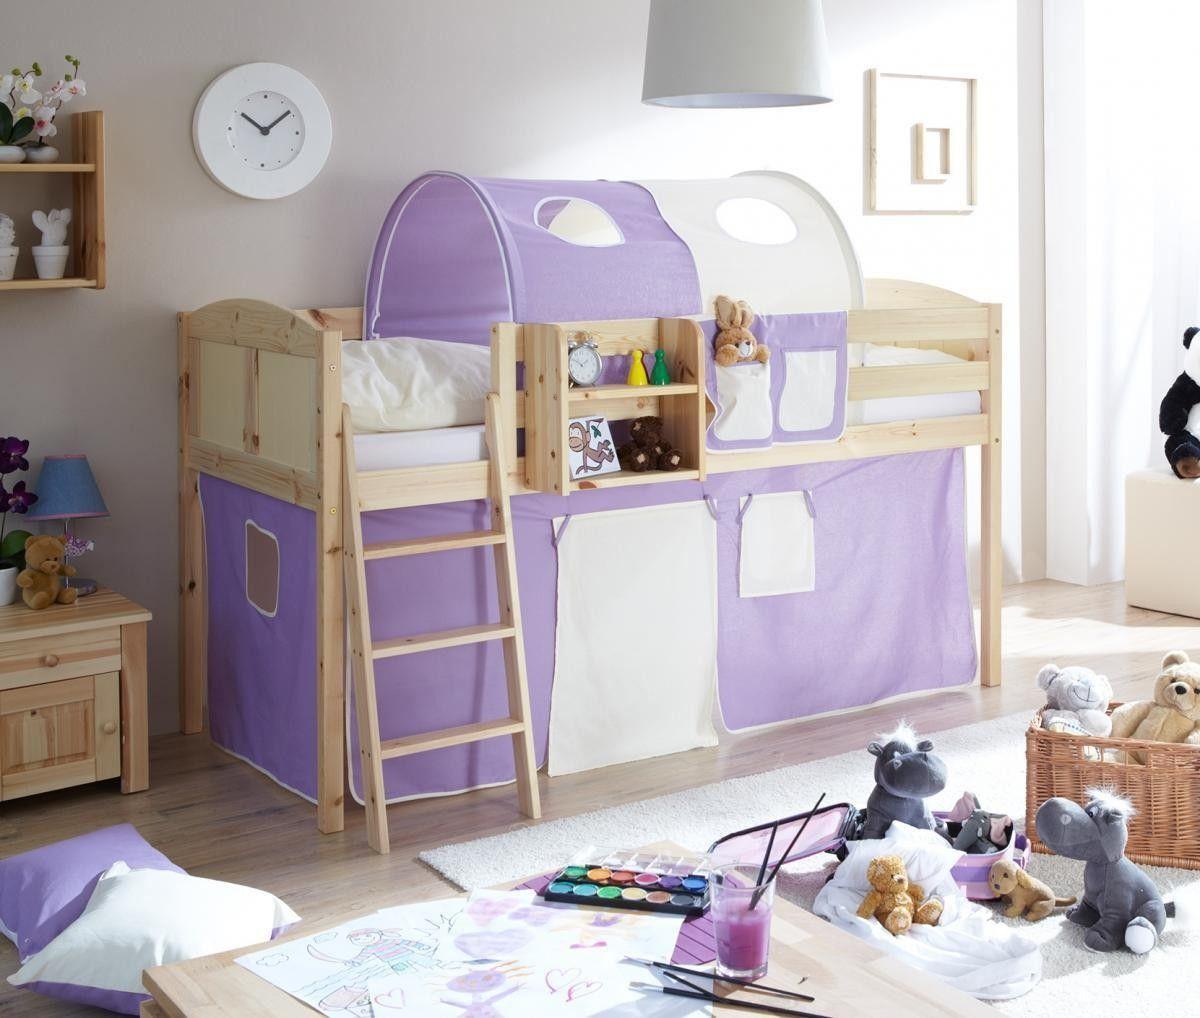 Kinderzimmer Lila Beige kinderzimmer dachschrge einrichten mdchen lila beige Ticaa Hochbett Eric Country Kiefer Natur Lila Beige Jetzt Bestellen Unter Https